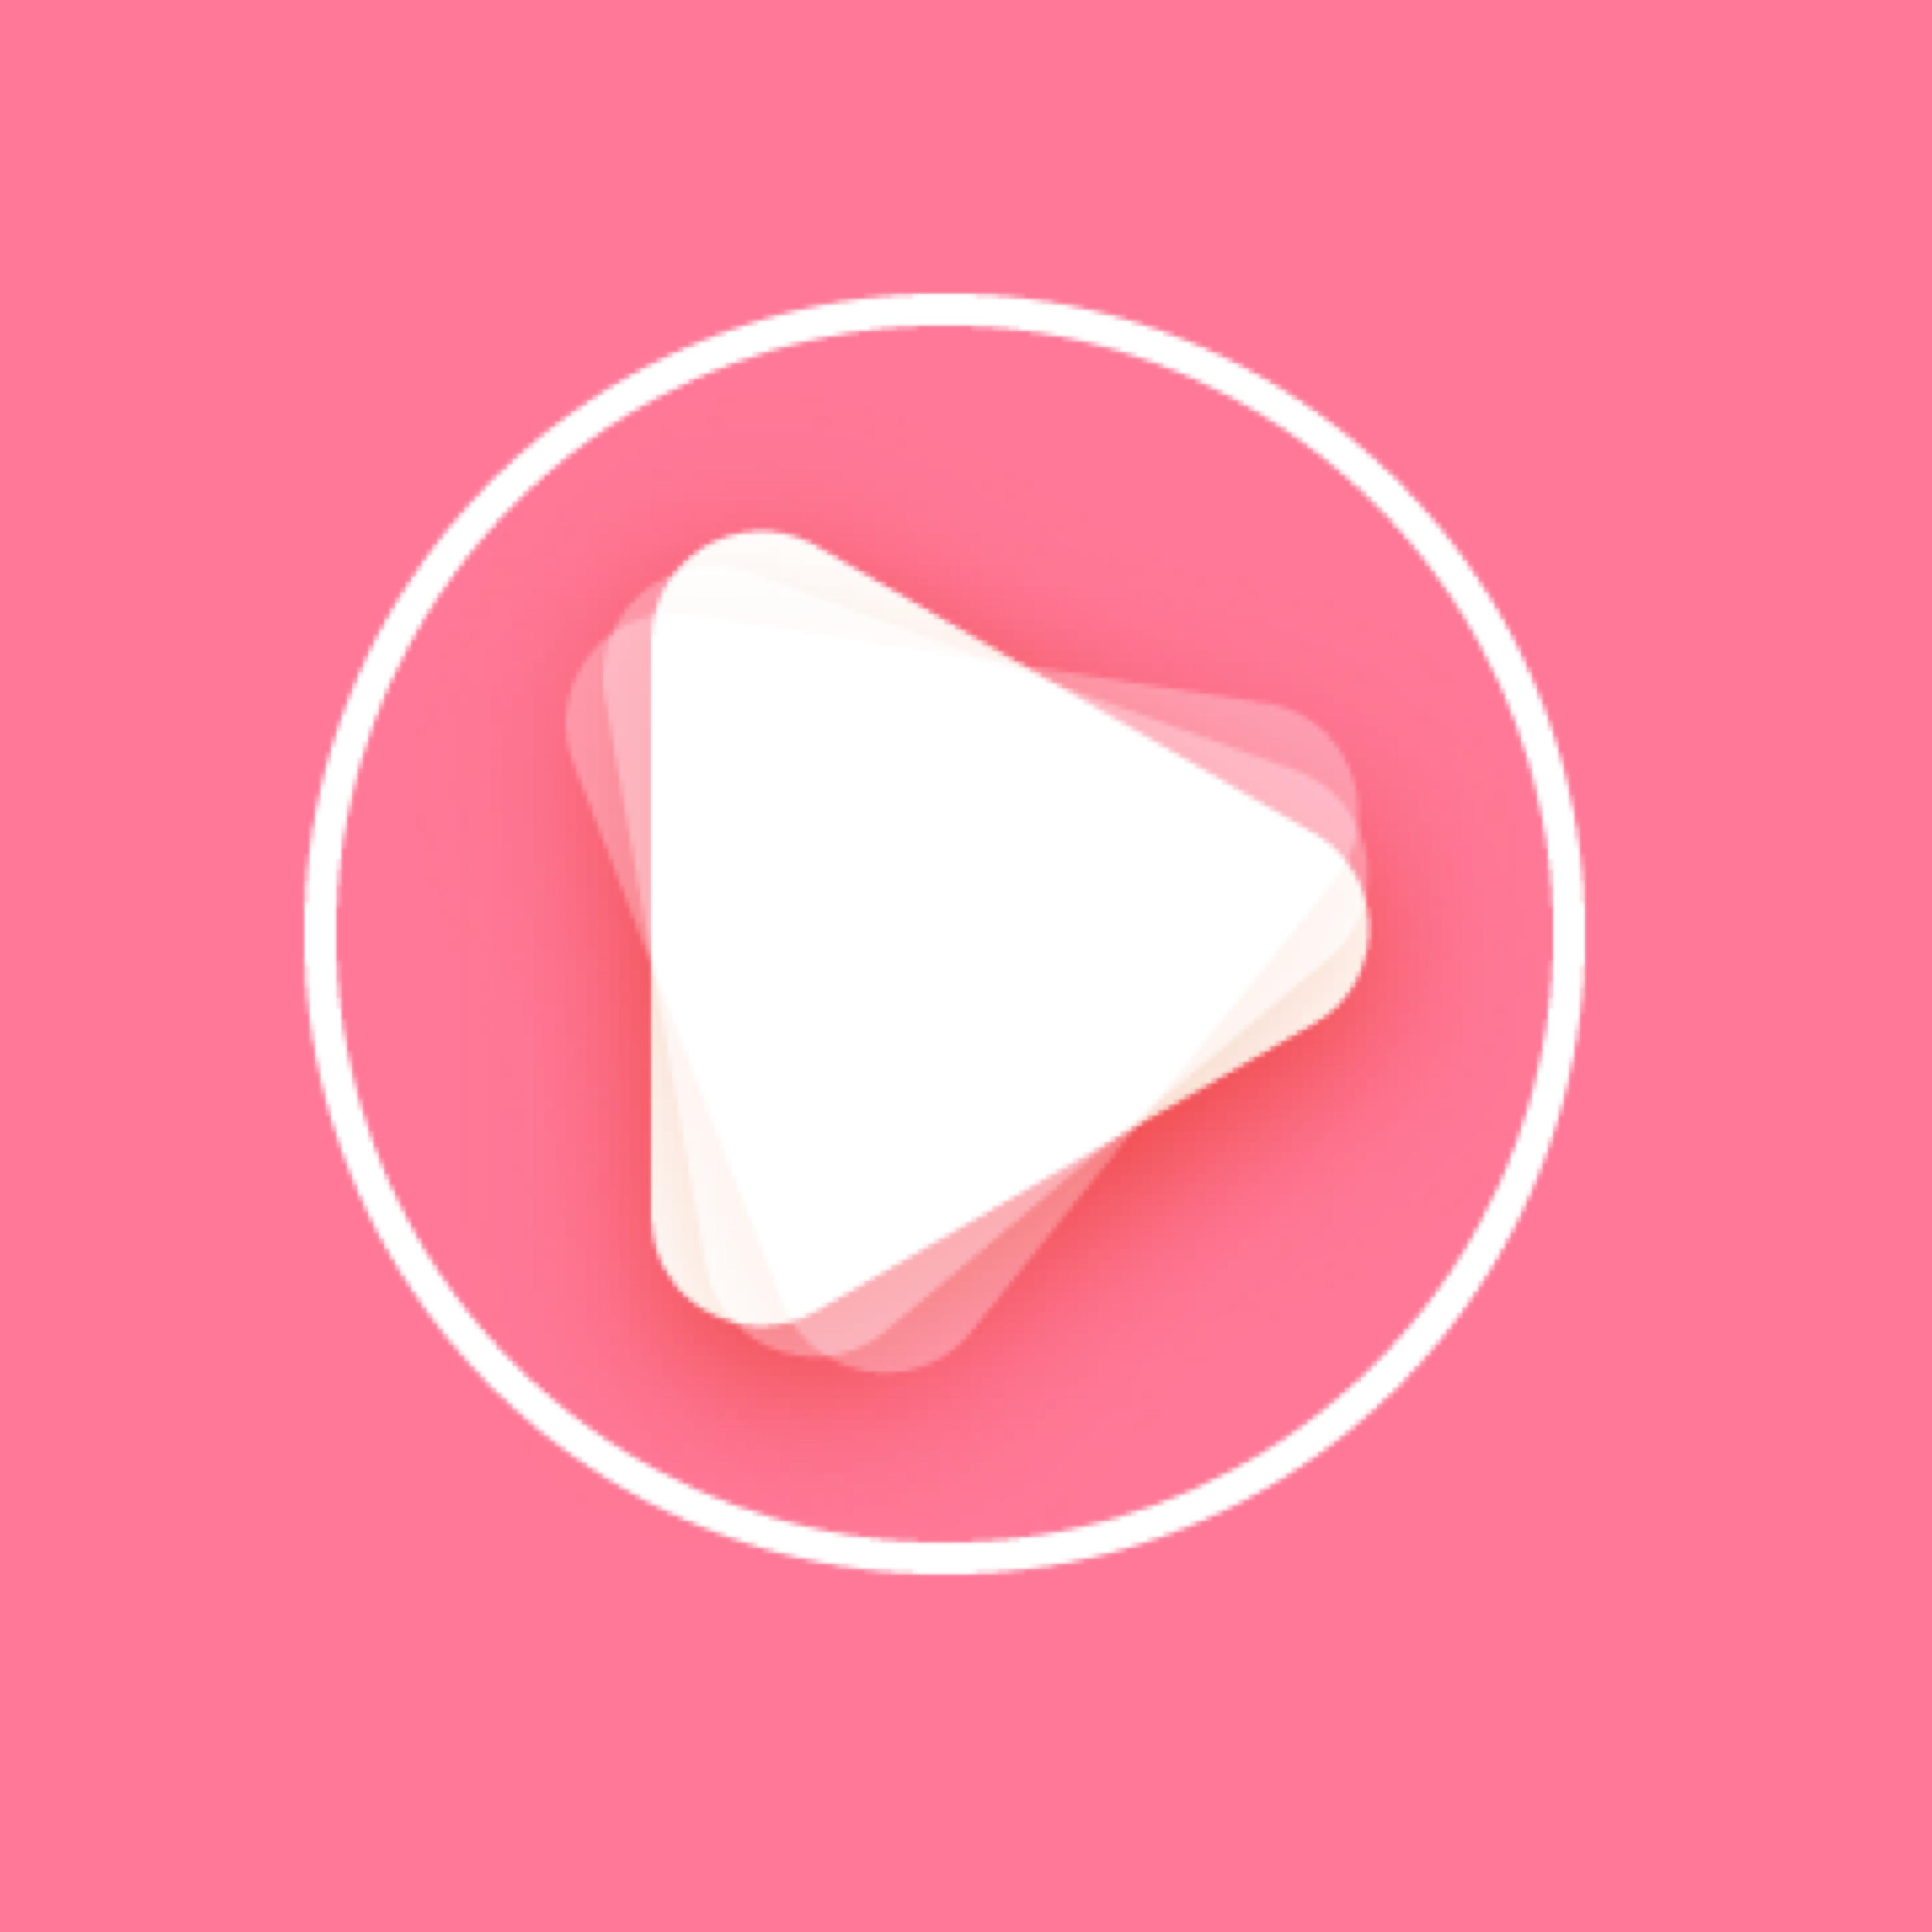 完美短视频剪辑app